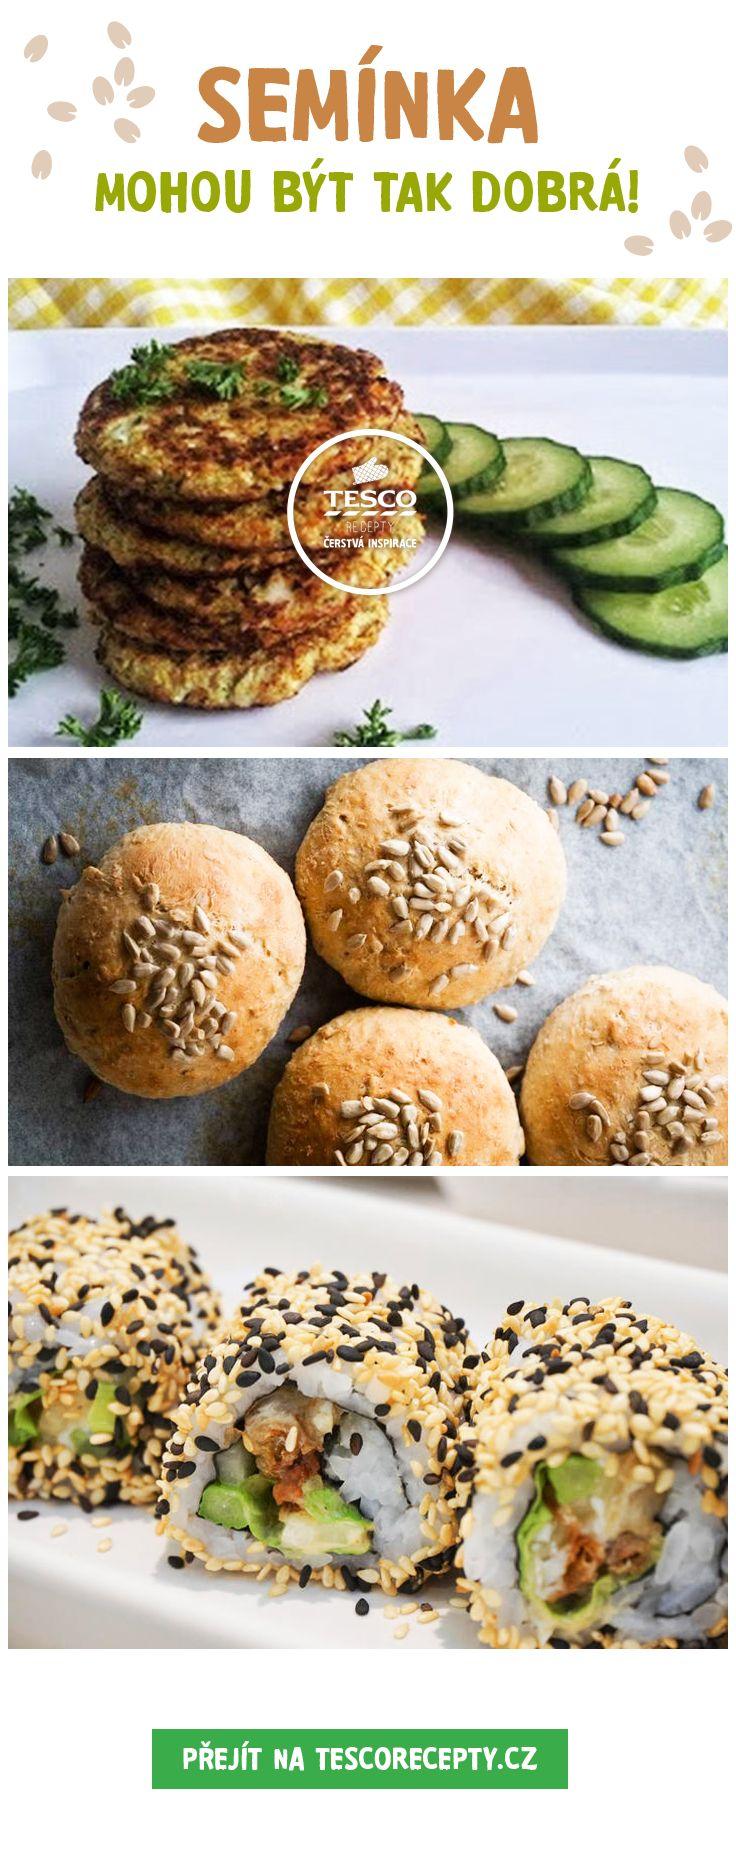 Chutná a zdravá jídla se semínky!